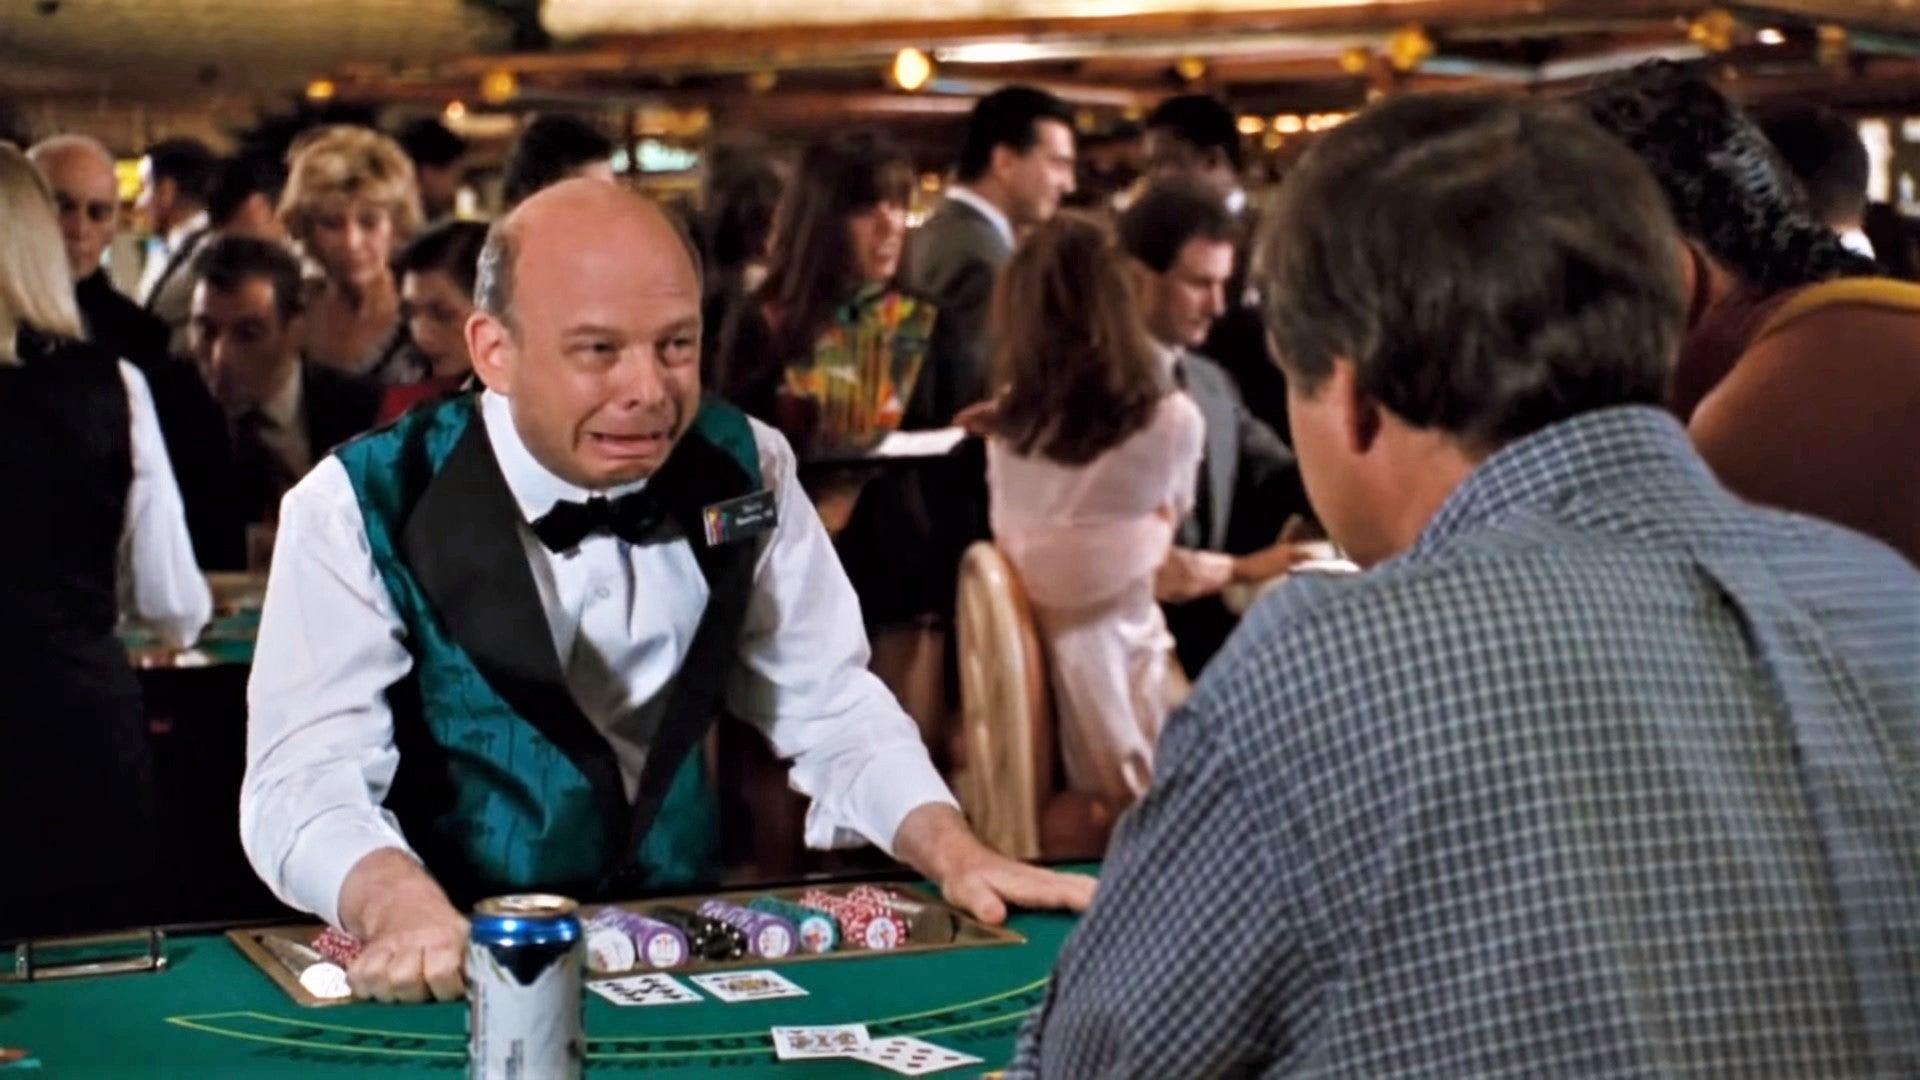 The start of gambling bet casino gambling online poker progressive slot video yourbestonlinecasino.com